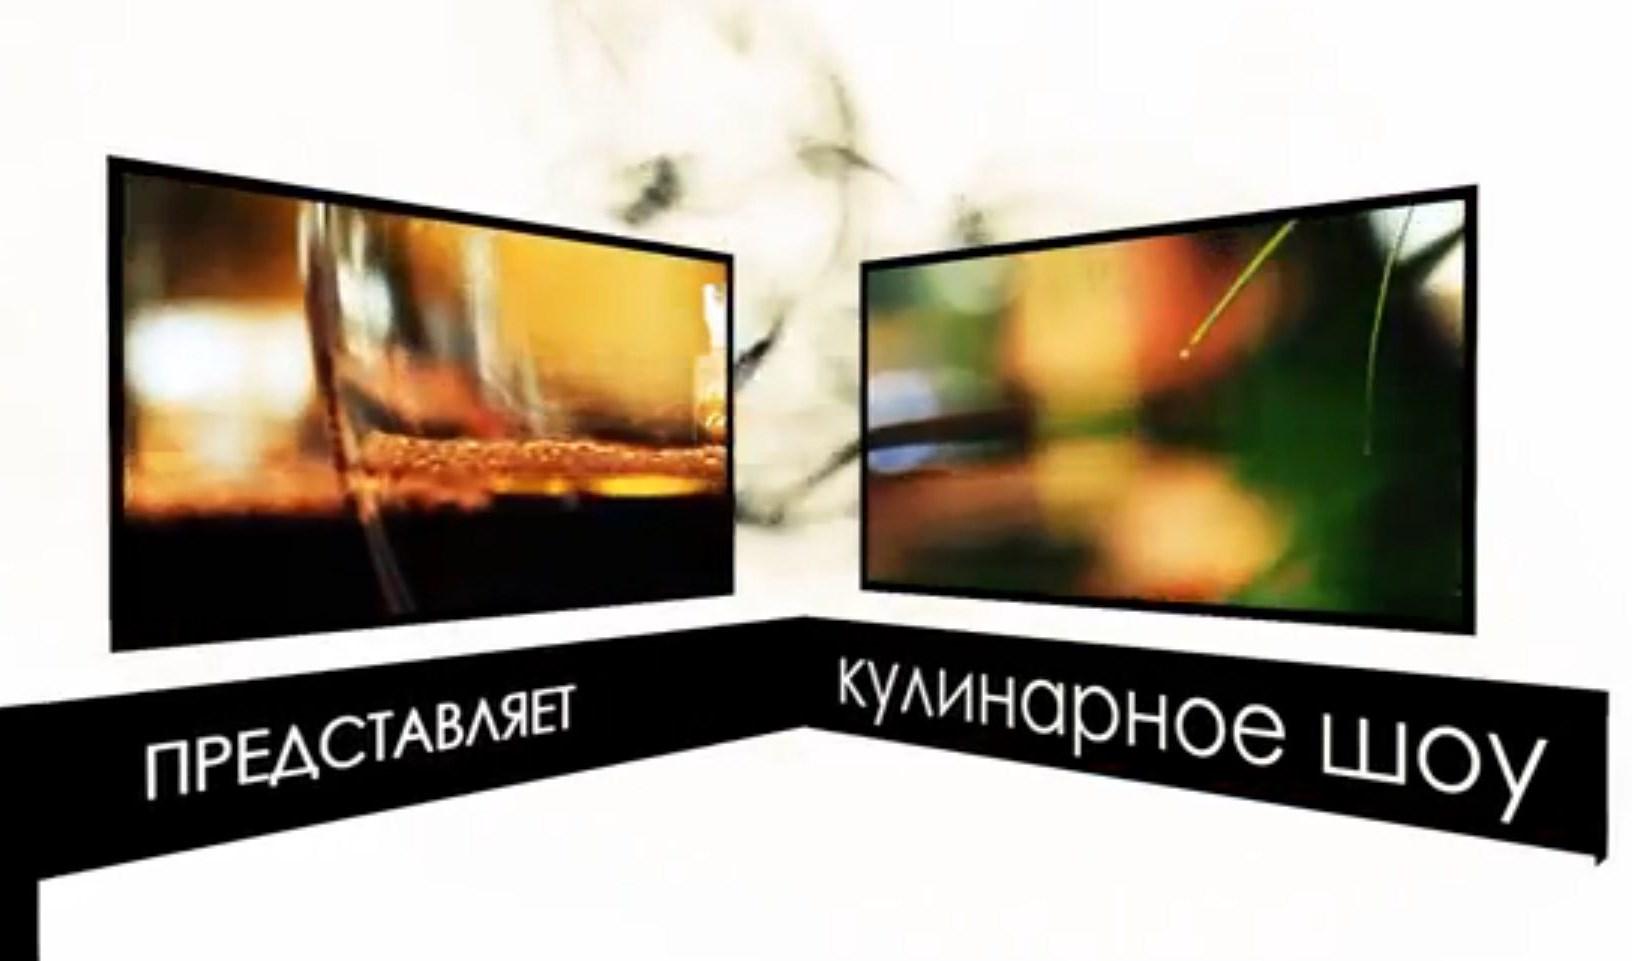 вВидео дом 2: DOLCHE VITA с Сергеем Васильевым и Евгенией Феофилактовой